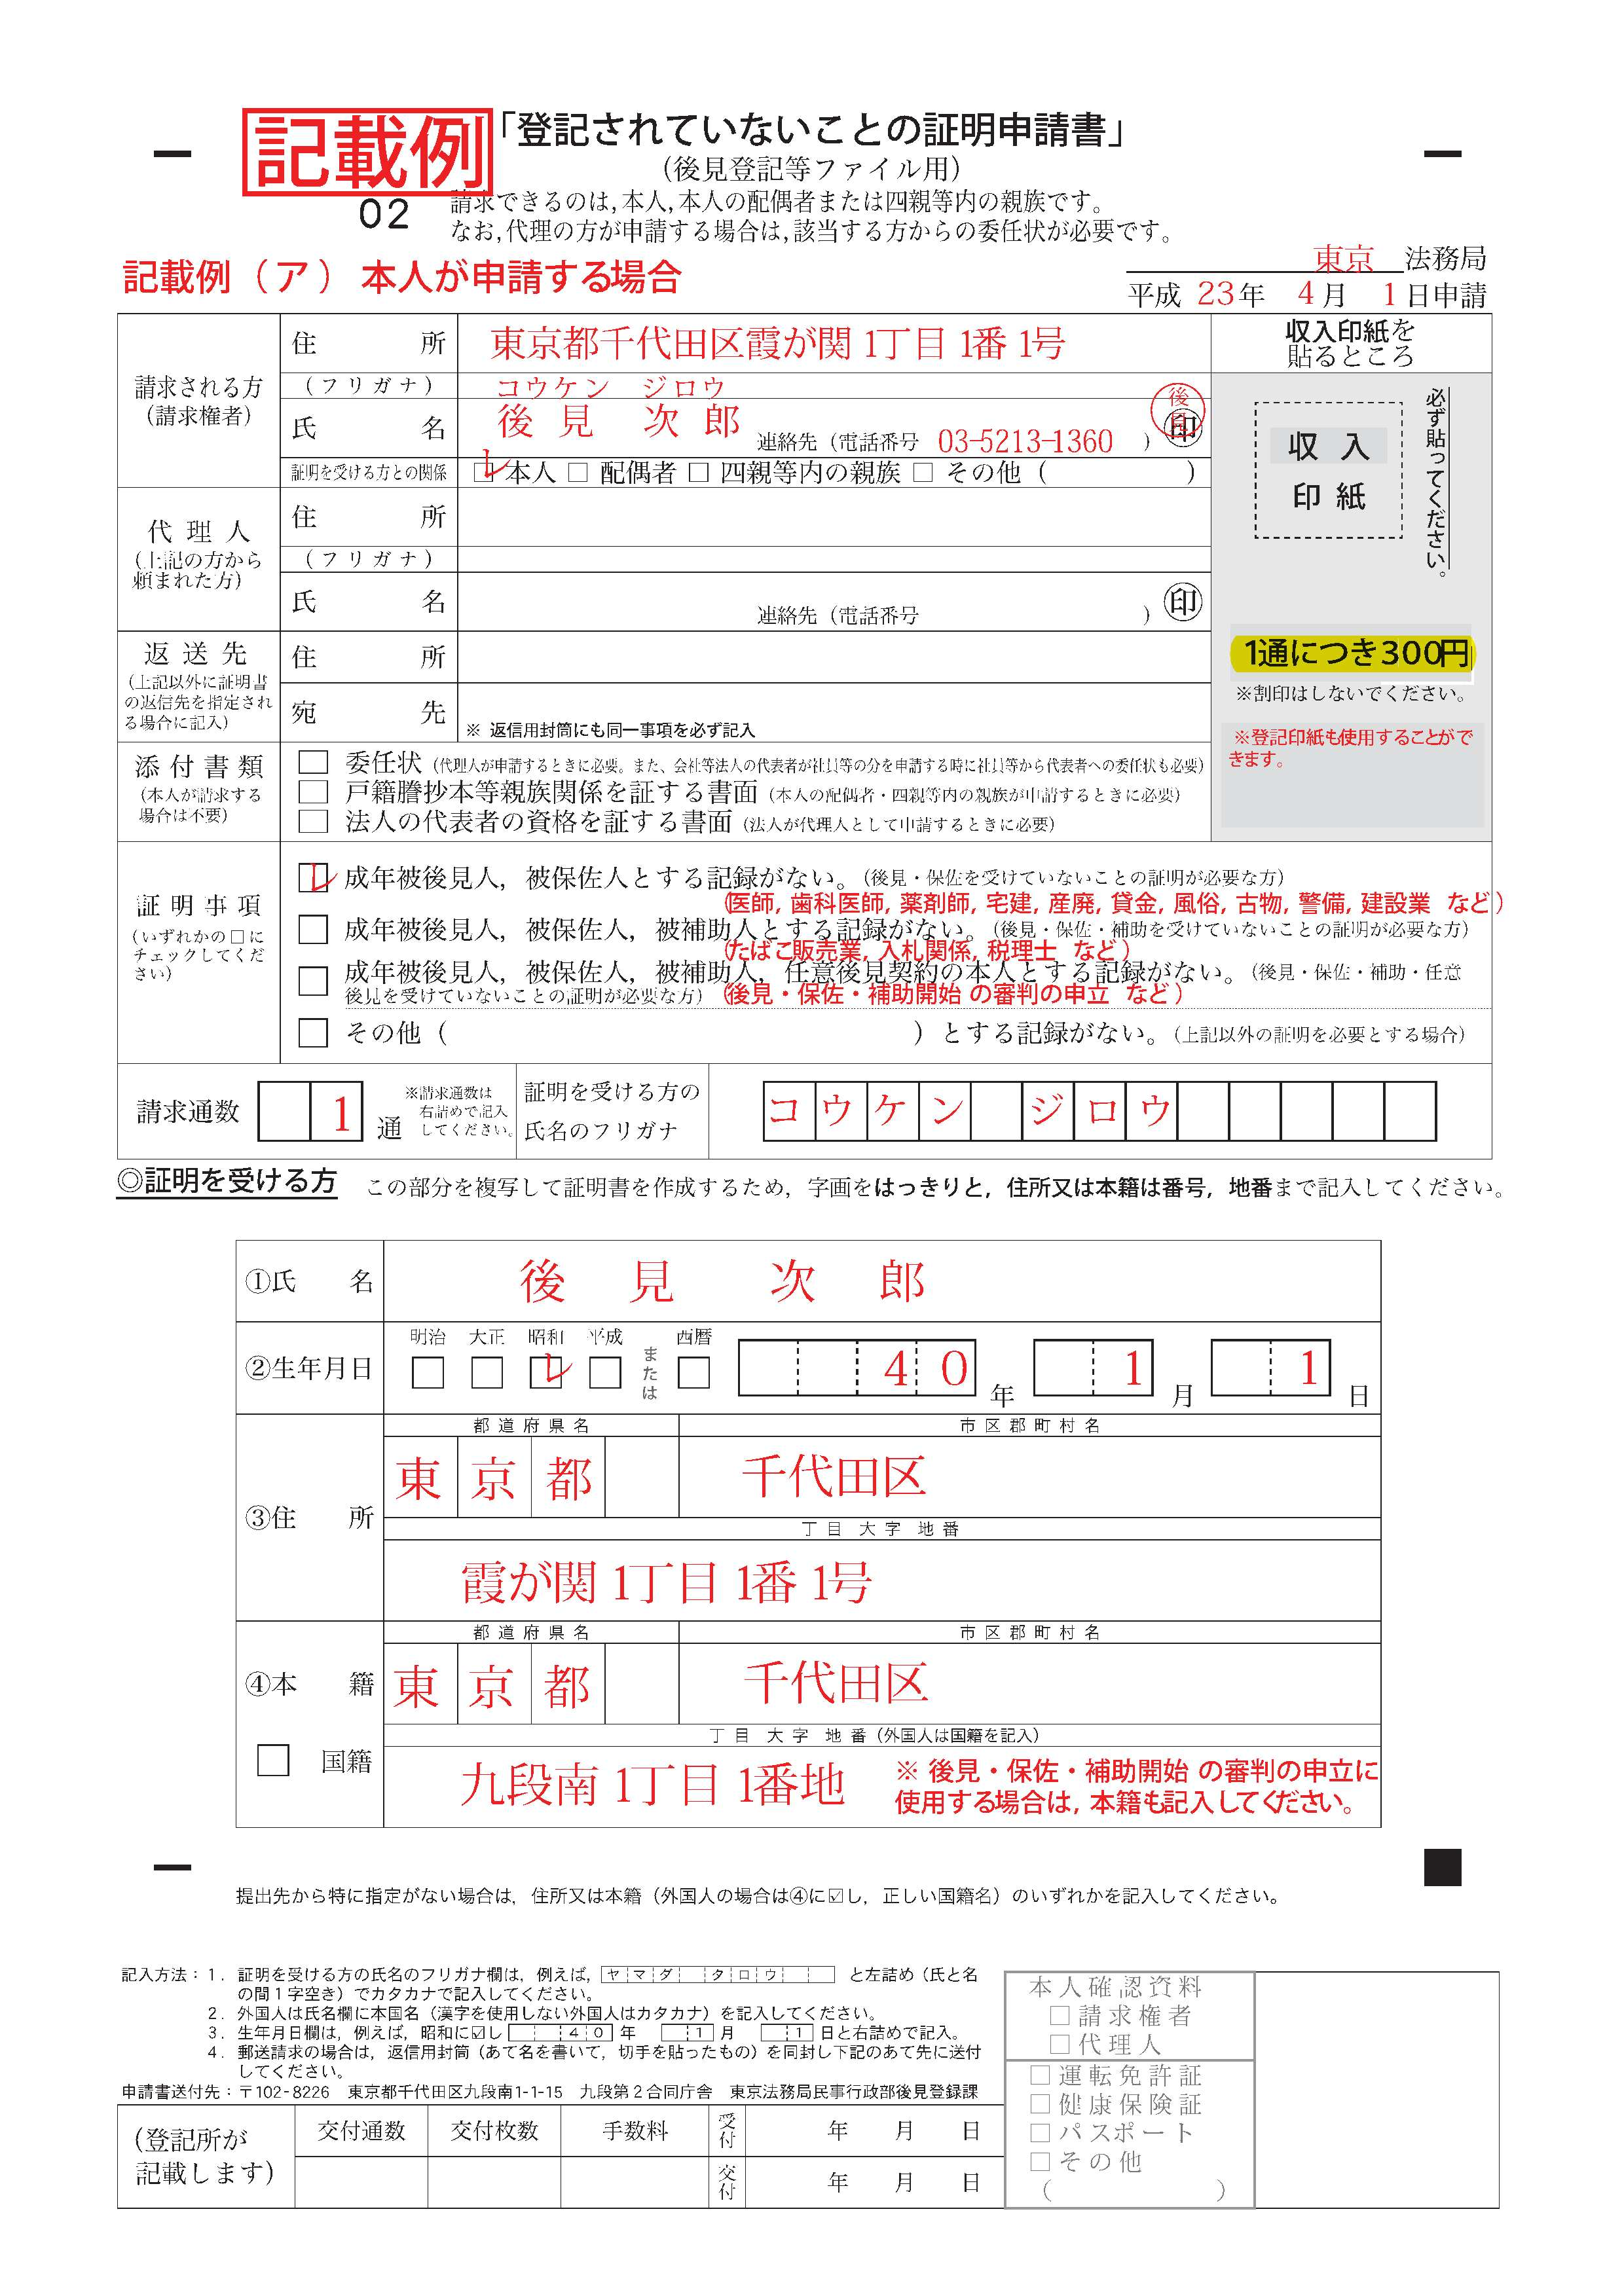 申請書等様式|警察庁Webサイト - npa.go.jp